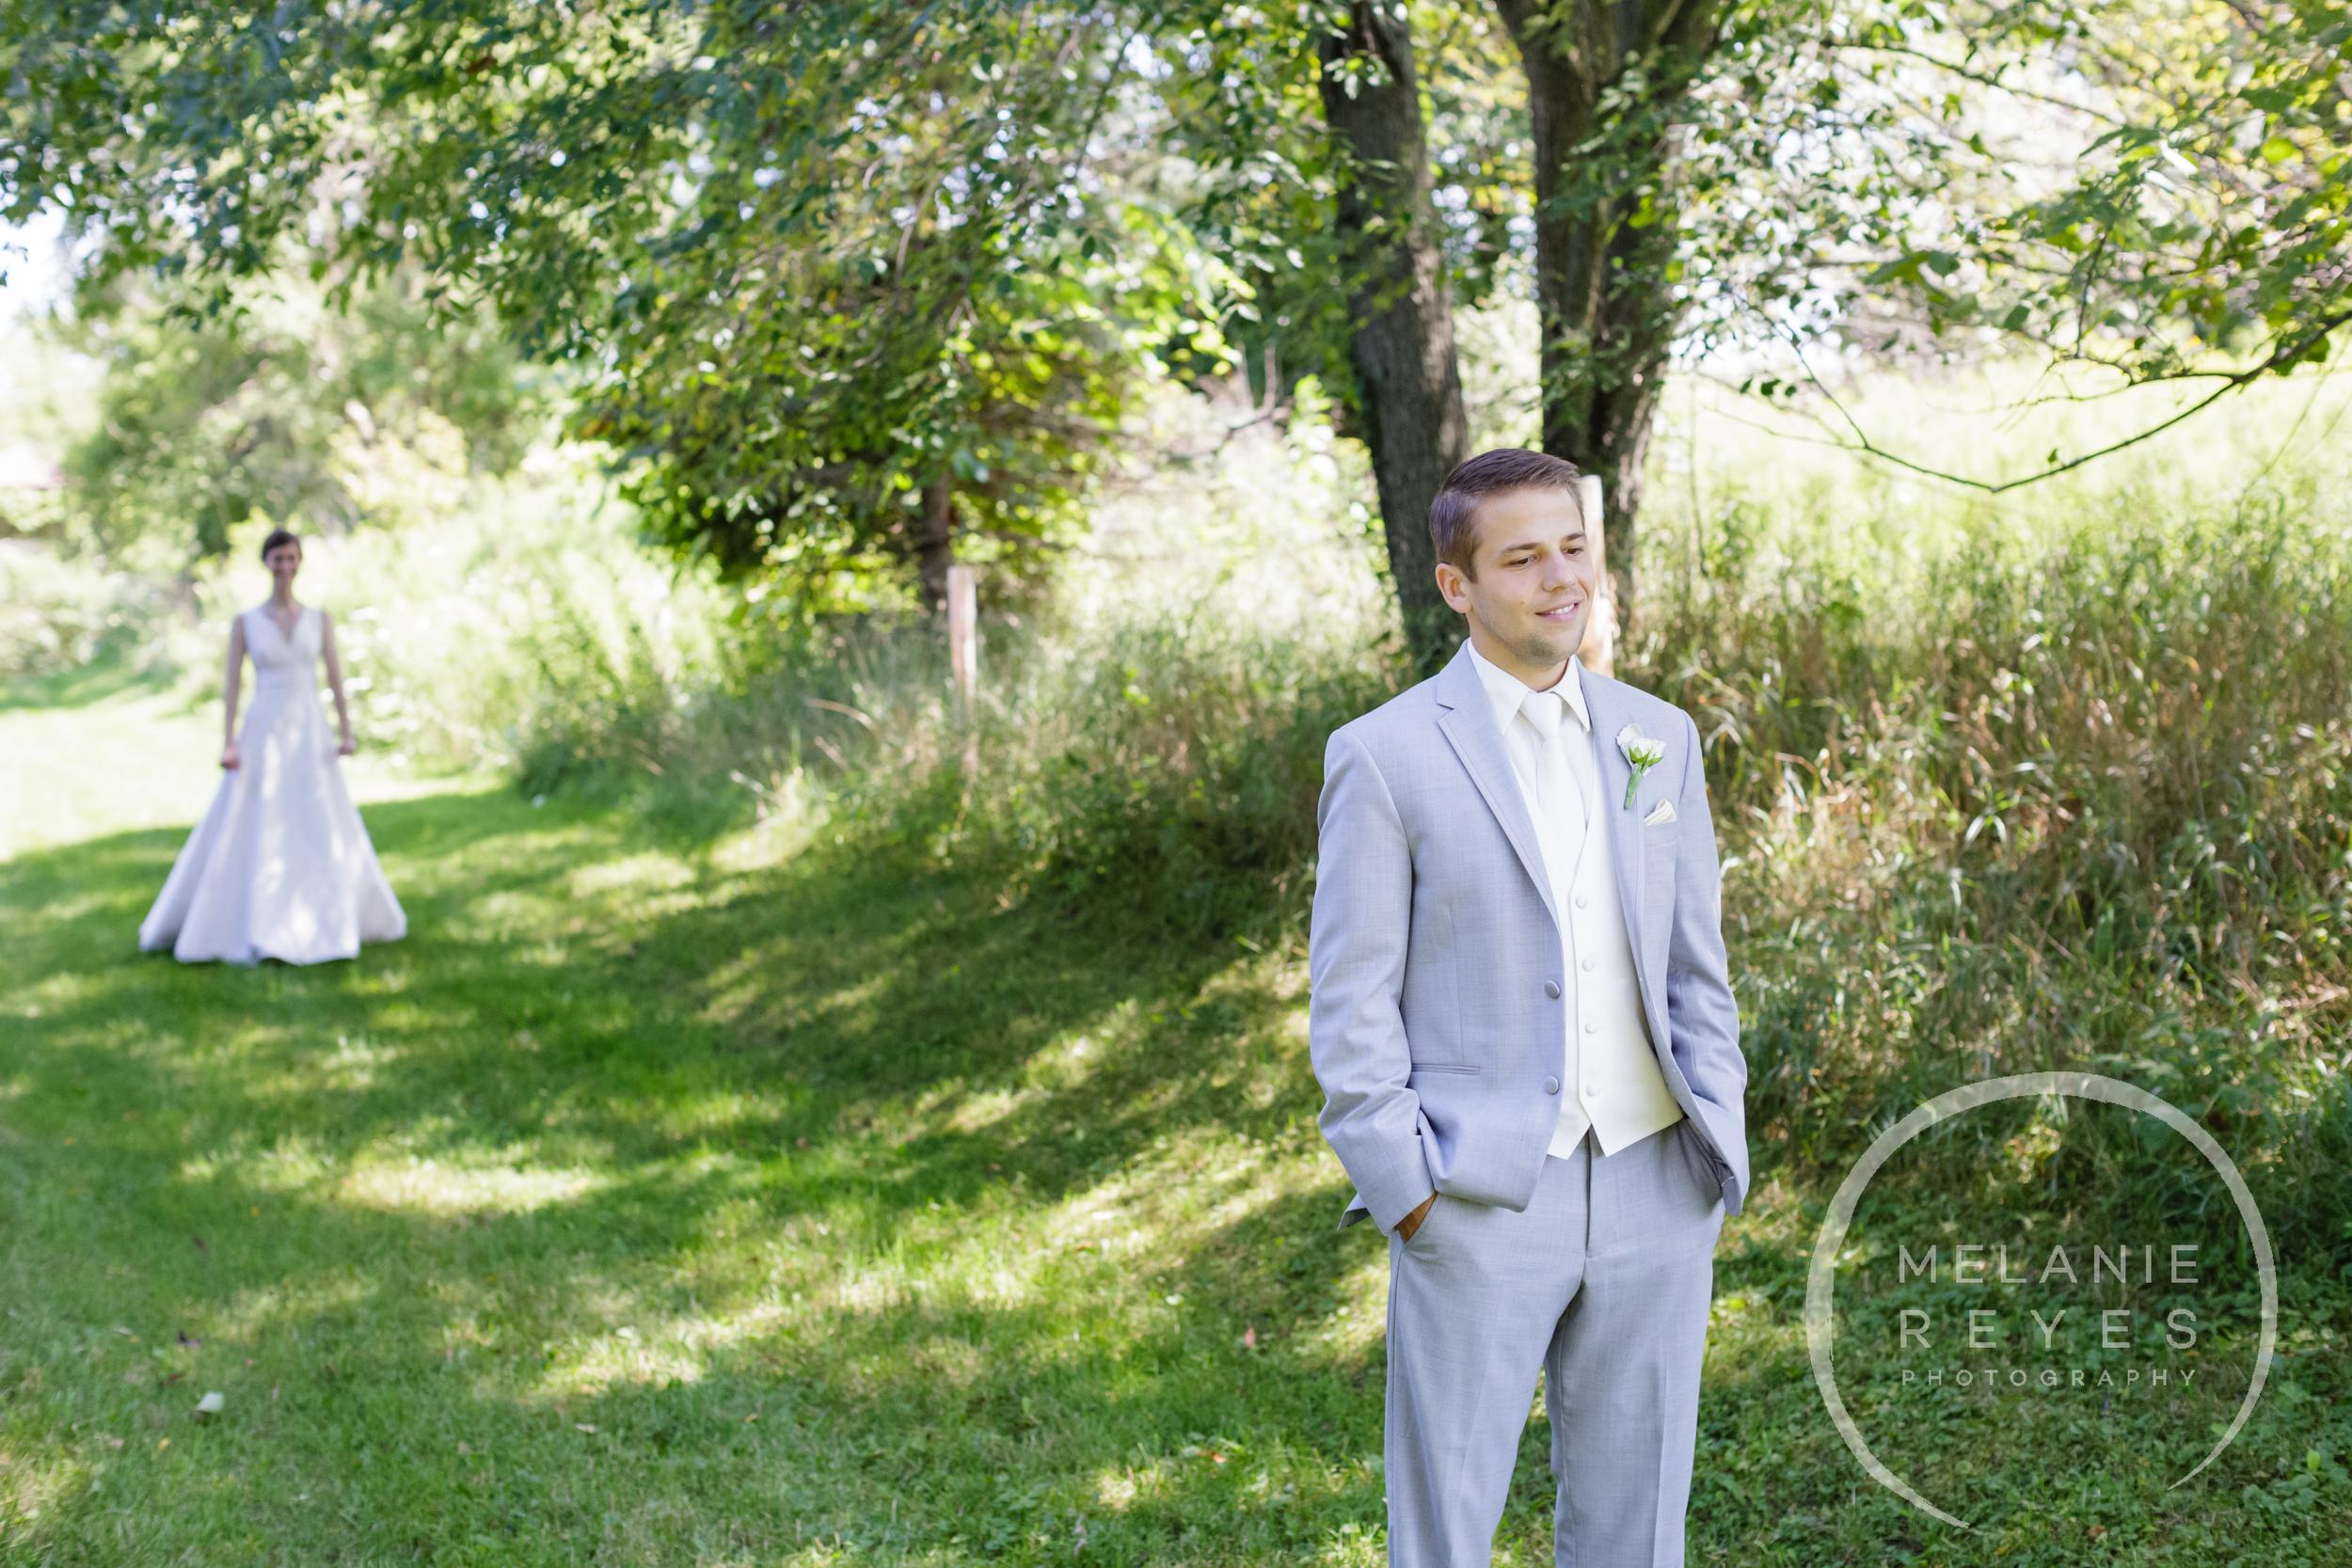 012_farm_wedding_melanie_reyes.JPG